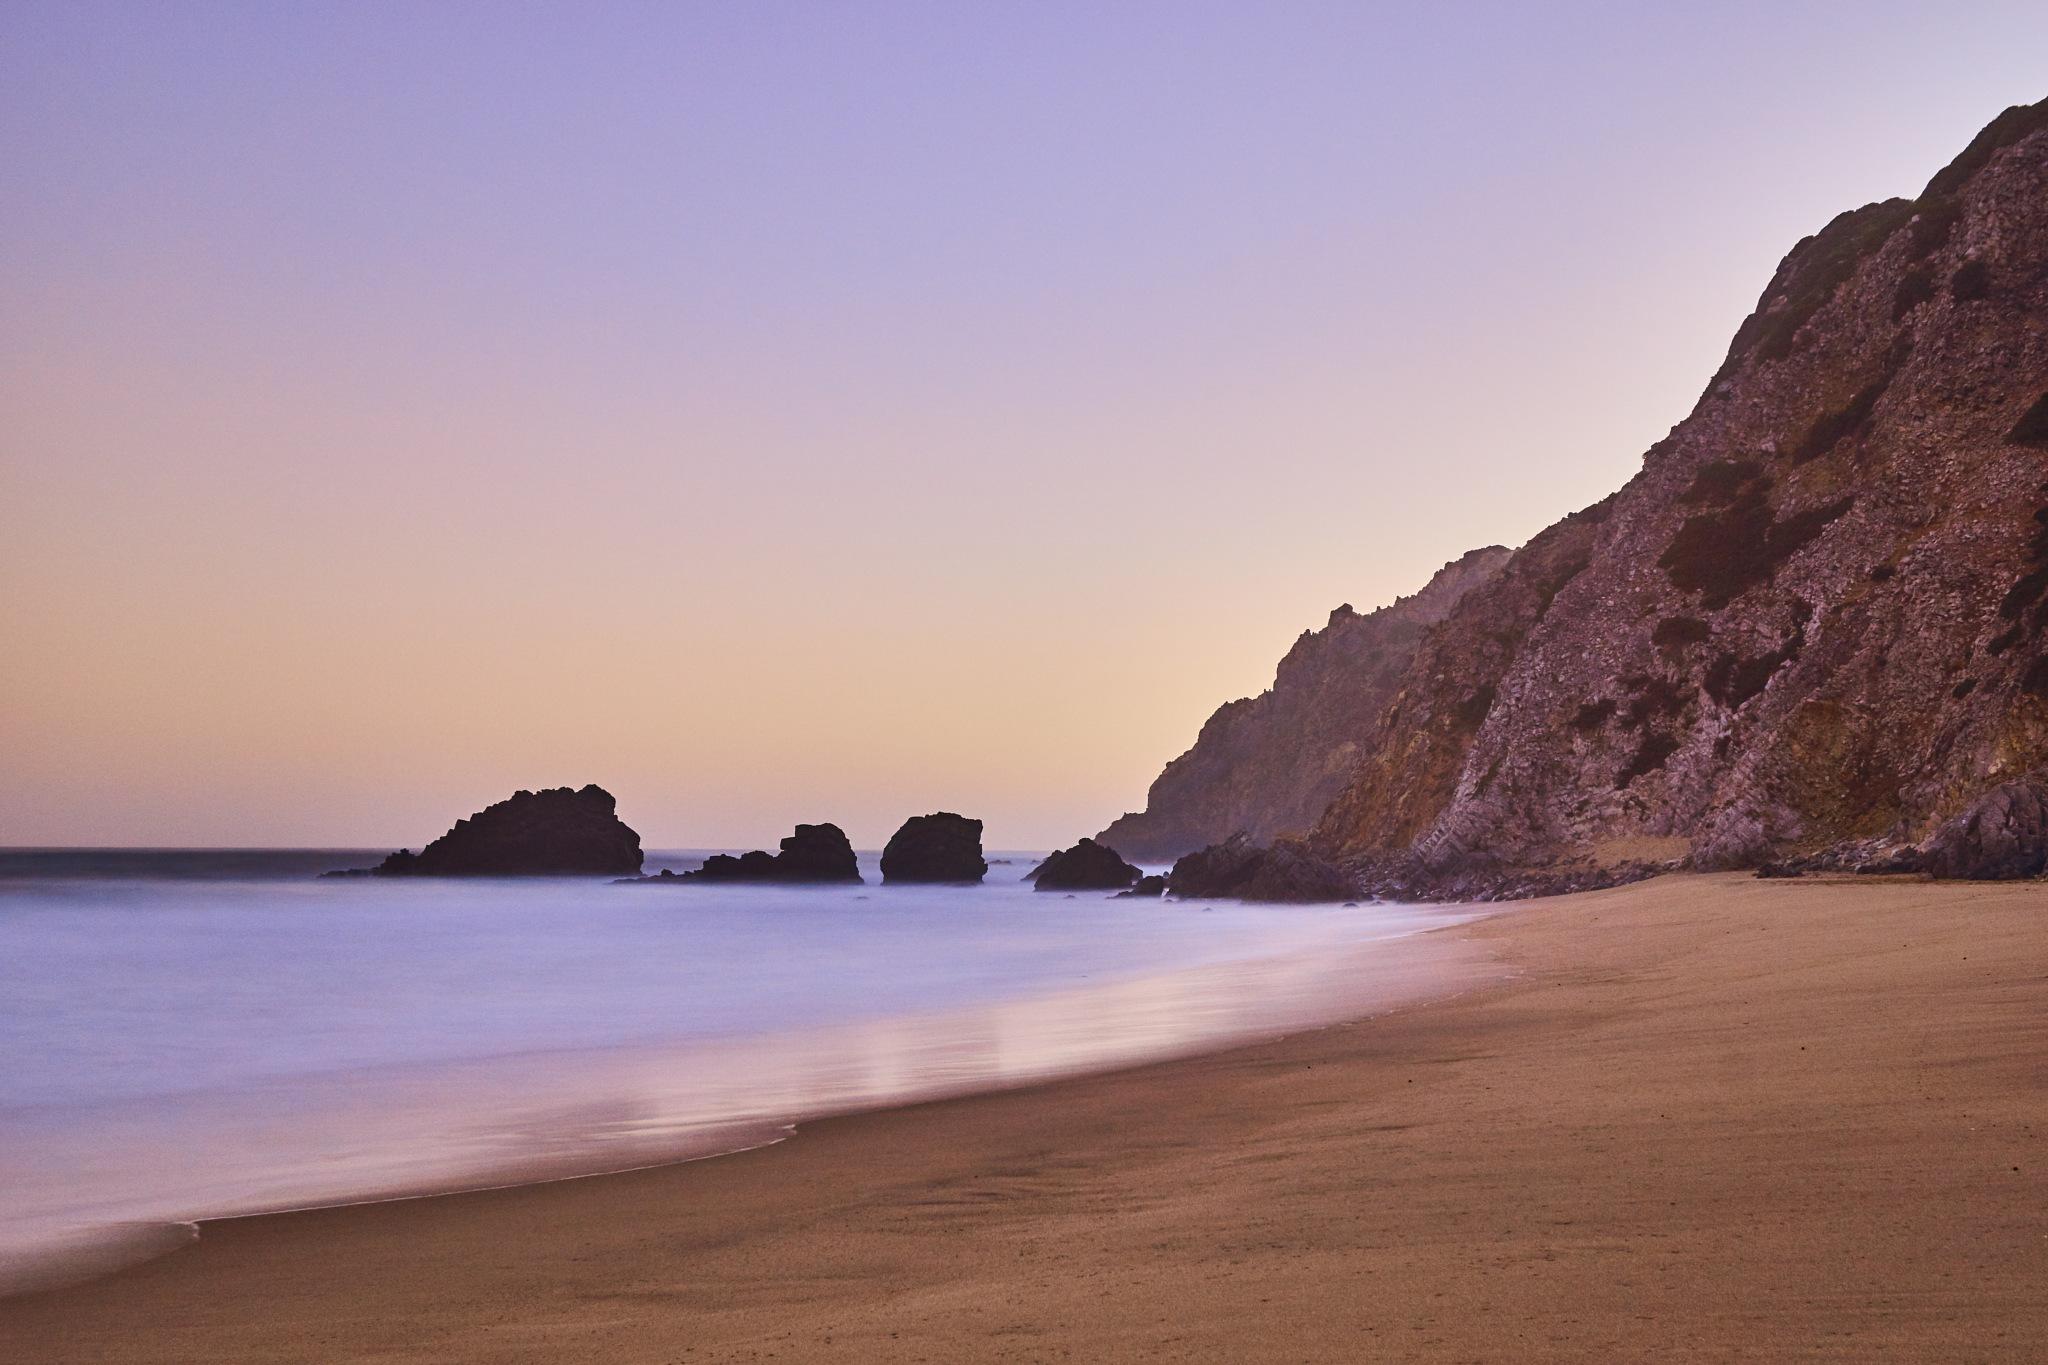 adraga beach by José Ferreira